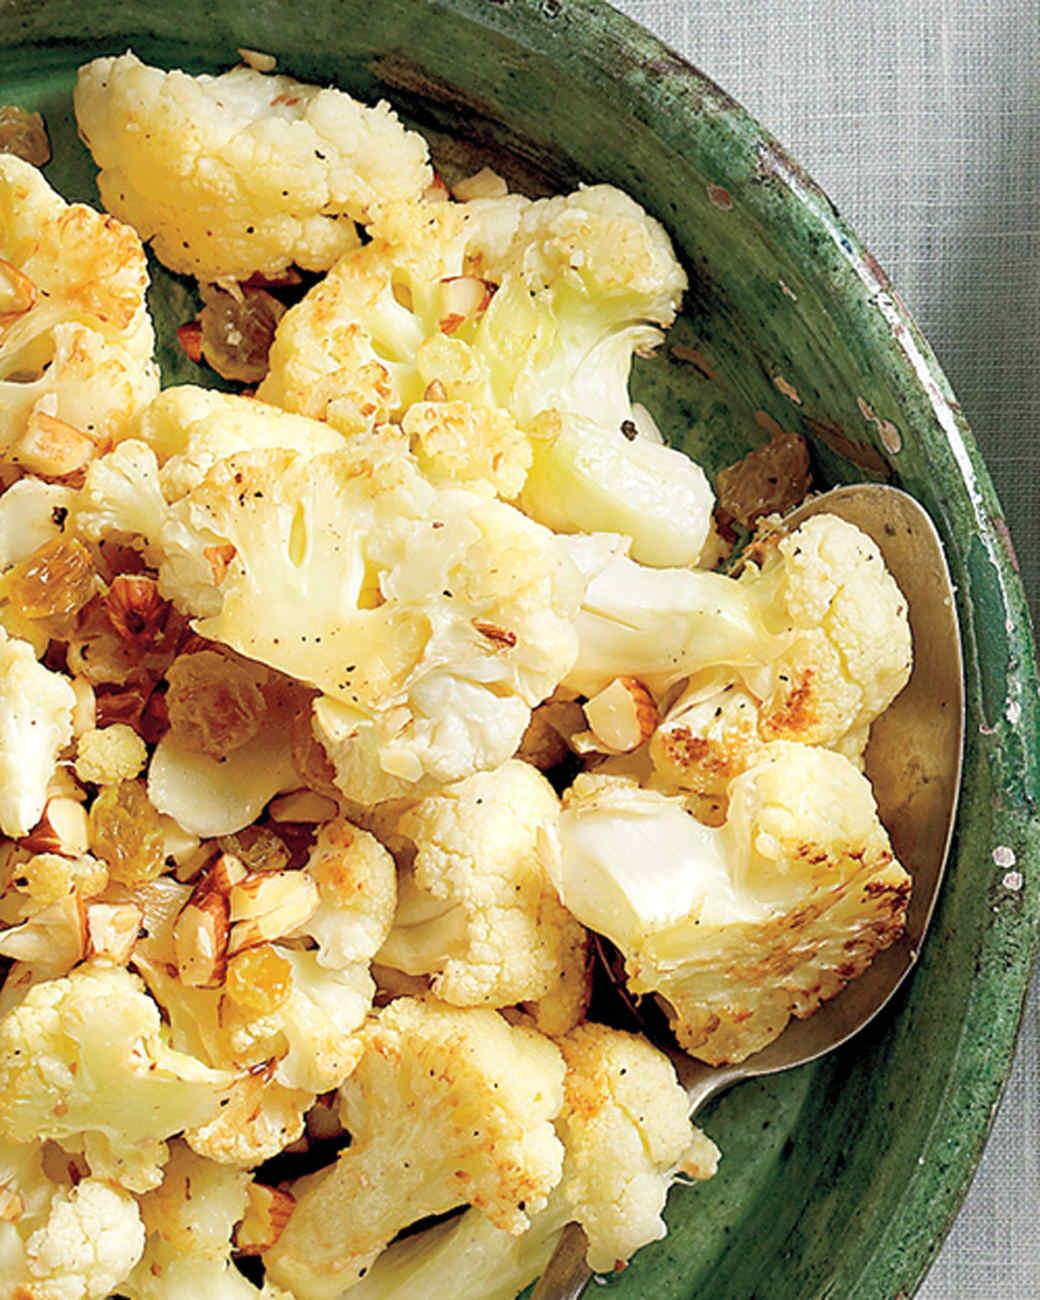 Cauliflower with Golden Raisins and Almonds